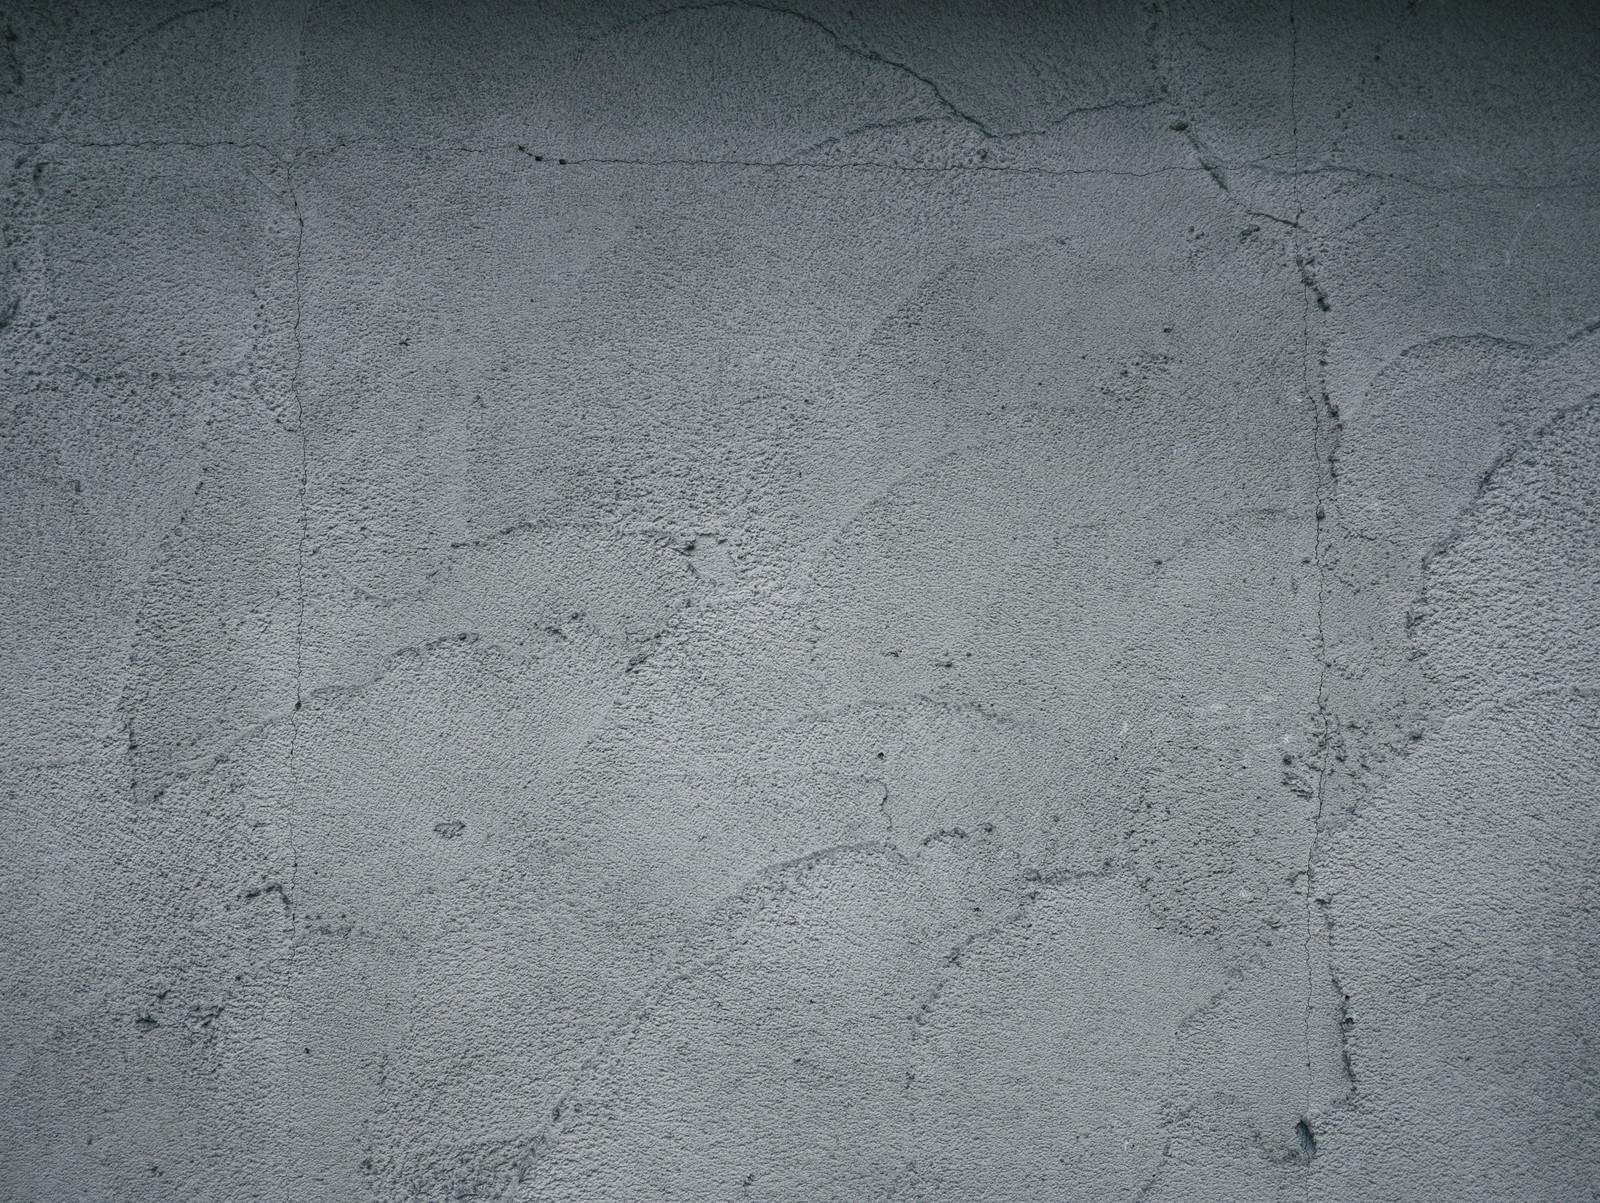 「左官仕上げ模様のコンクリート壁(テクスチャ)」の写真